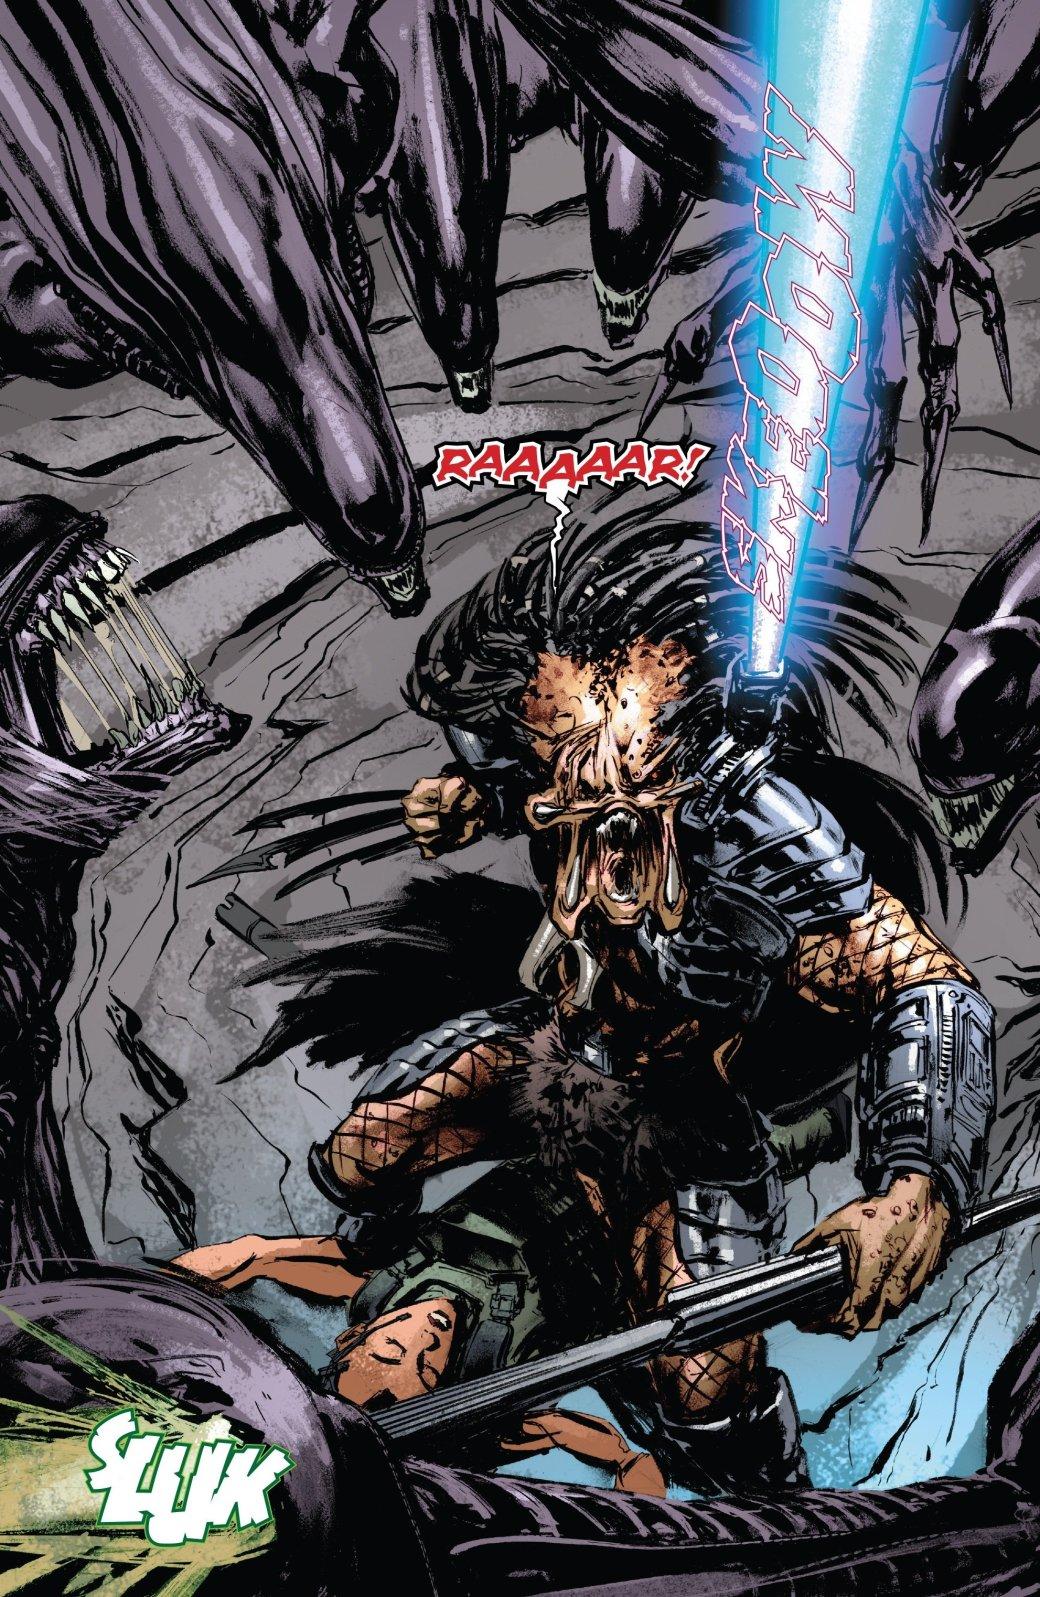 Бэтмен против Чужого?! Безумные комикс-кроссоверы сксеноморфами | Канобу - Изображение 12